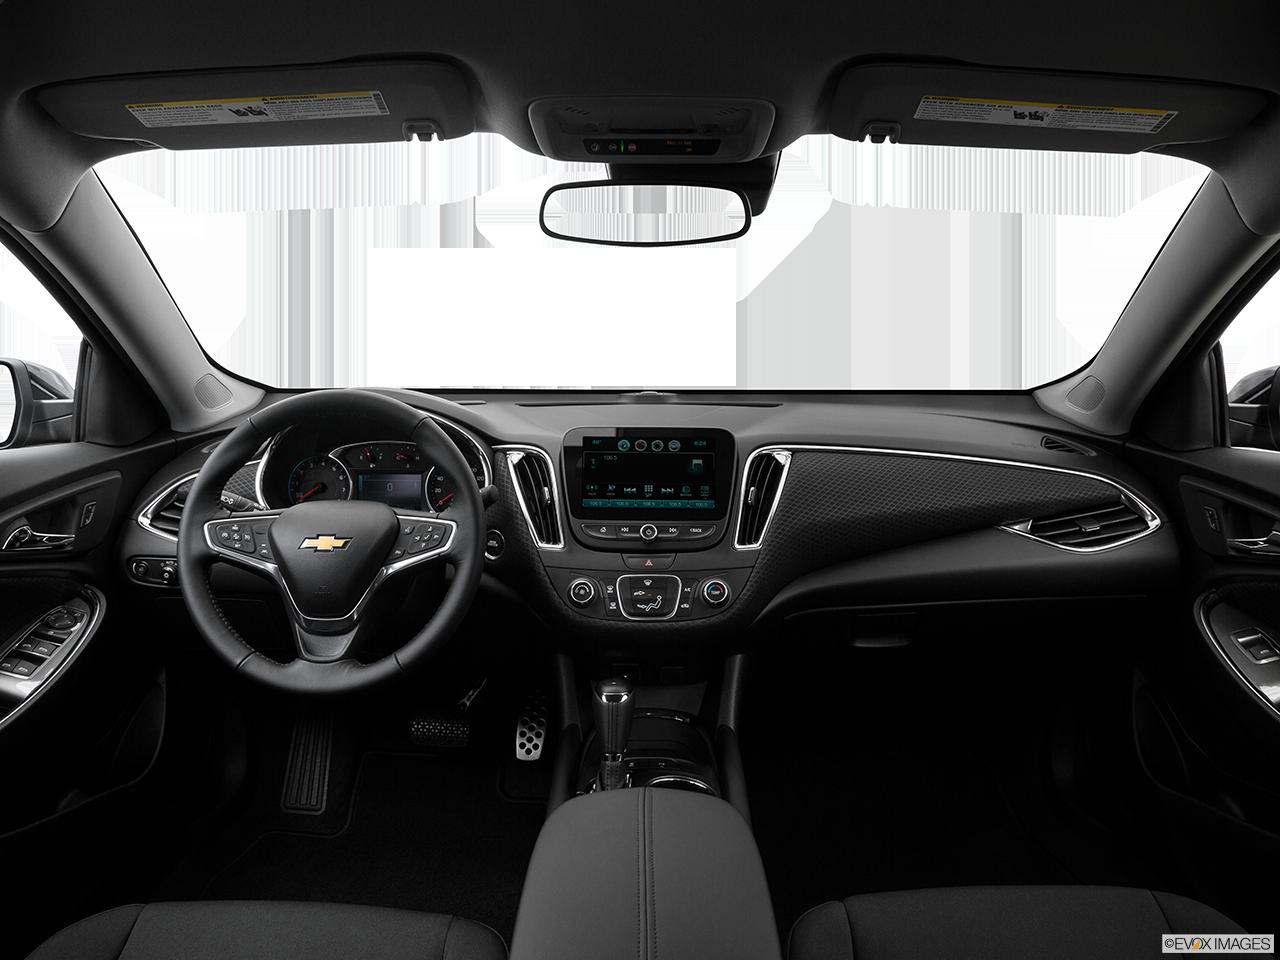 Interior View Of 2016 Chevrolet Malibu In Reno